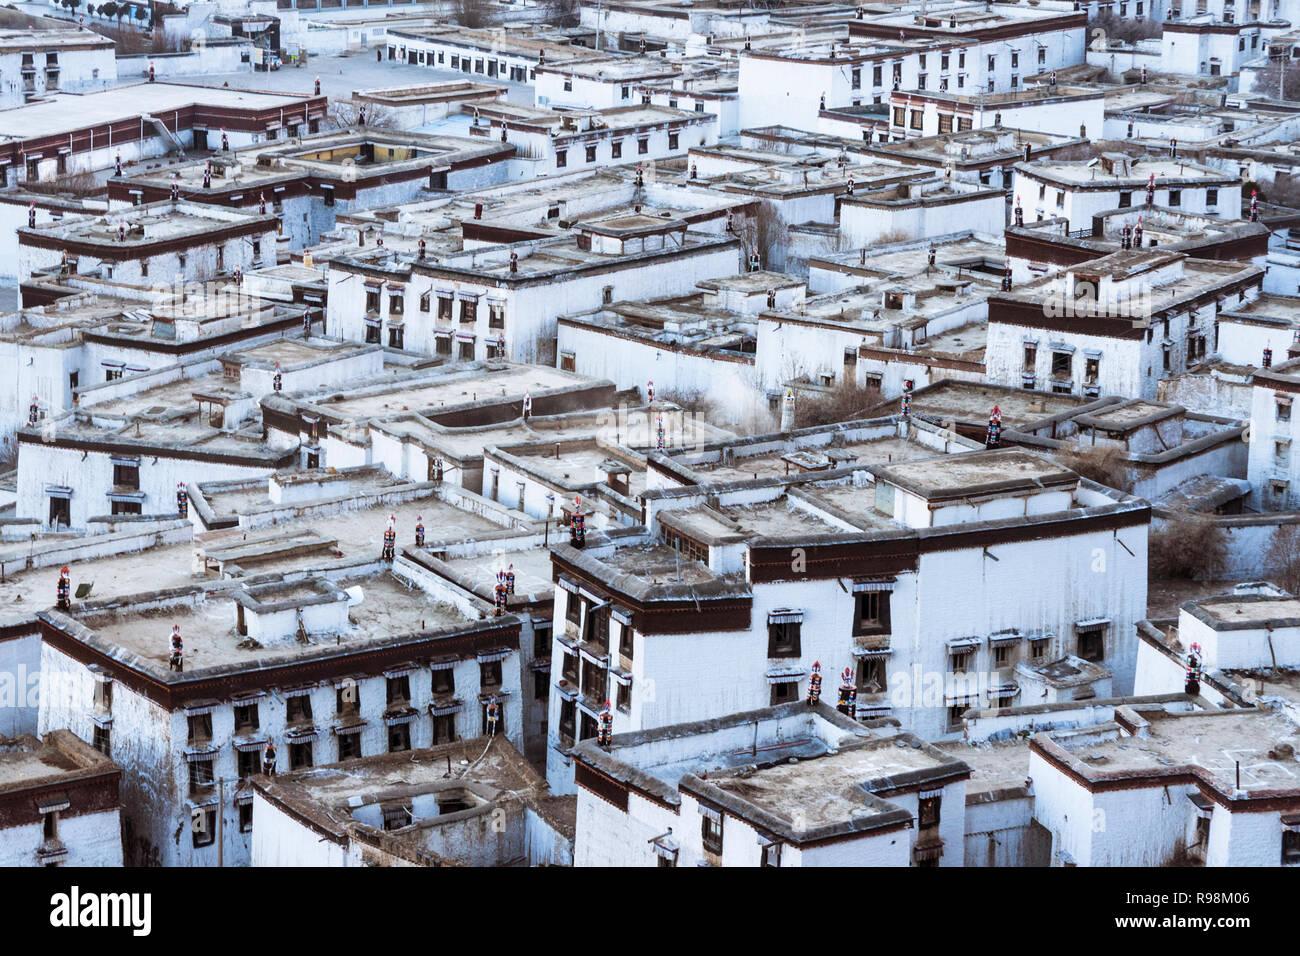 Shigatse, regione autonoma del Tibet, Cina : raggruppamento di case dei monaci di Tashi Lhunpo monastero, la sede tradizionale del Panchen Lama fondata Immagini Stock